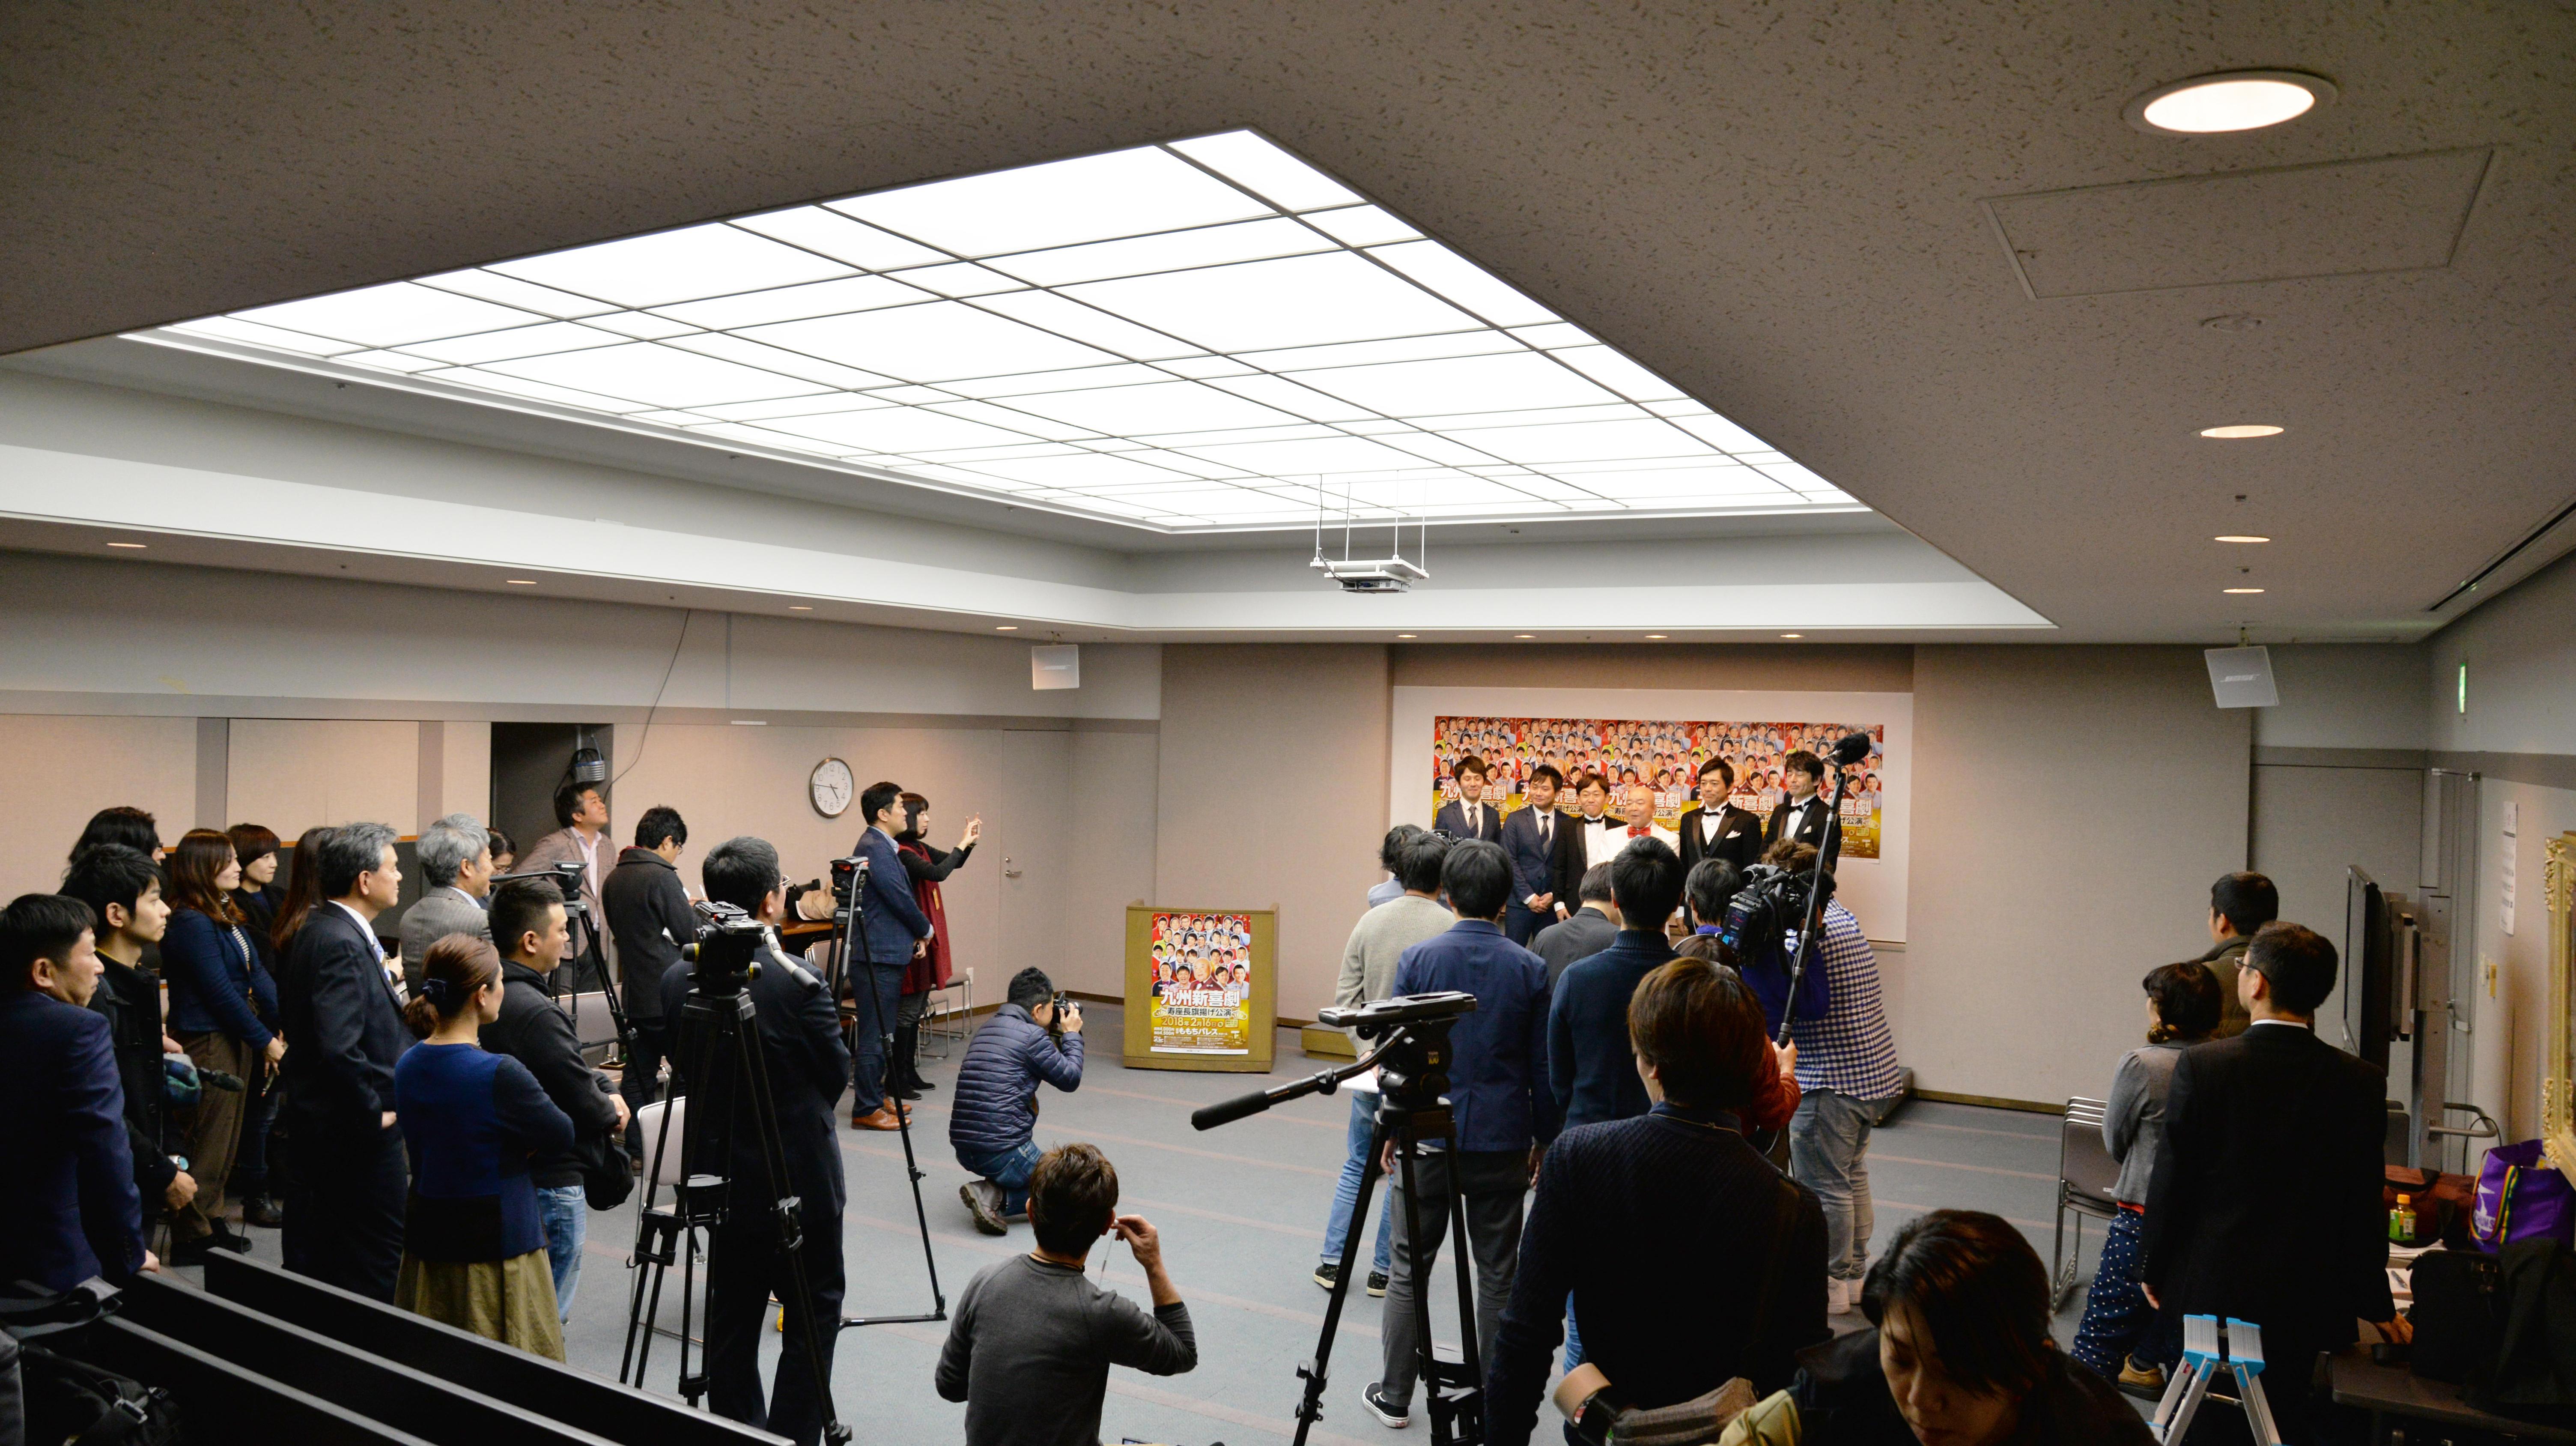 http://news.yoshimoto.co.jp/20171211102054-e6df46ea9198a8cff0c6f147d7310c6b3432a06b.jpg